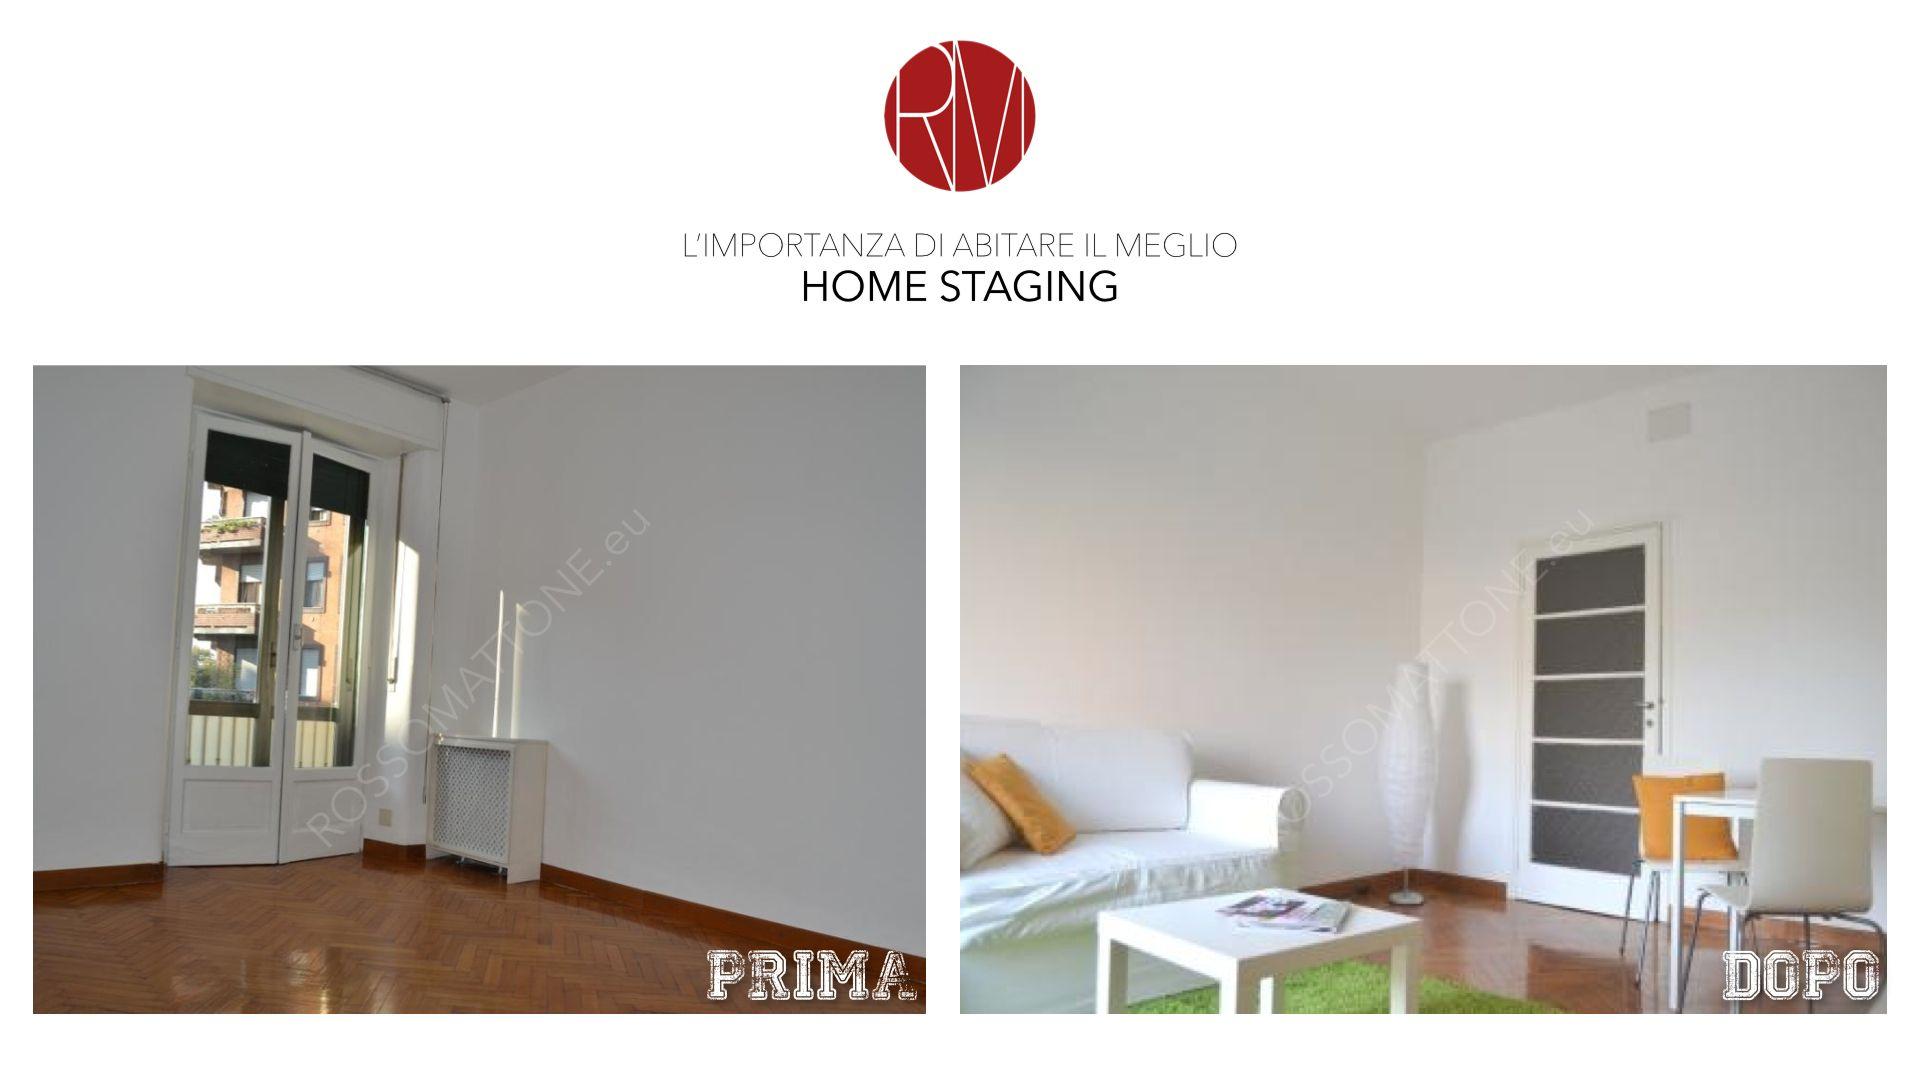 #AbitareIlMeglio. Non presentare un soggiorno vuoto, dagli vita con l' #HomeStaging! http://www.rossomattone.eu/Home_Staging-p25.html